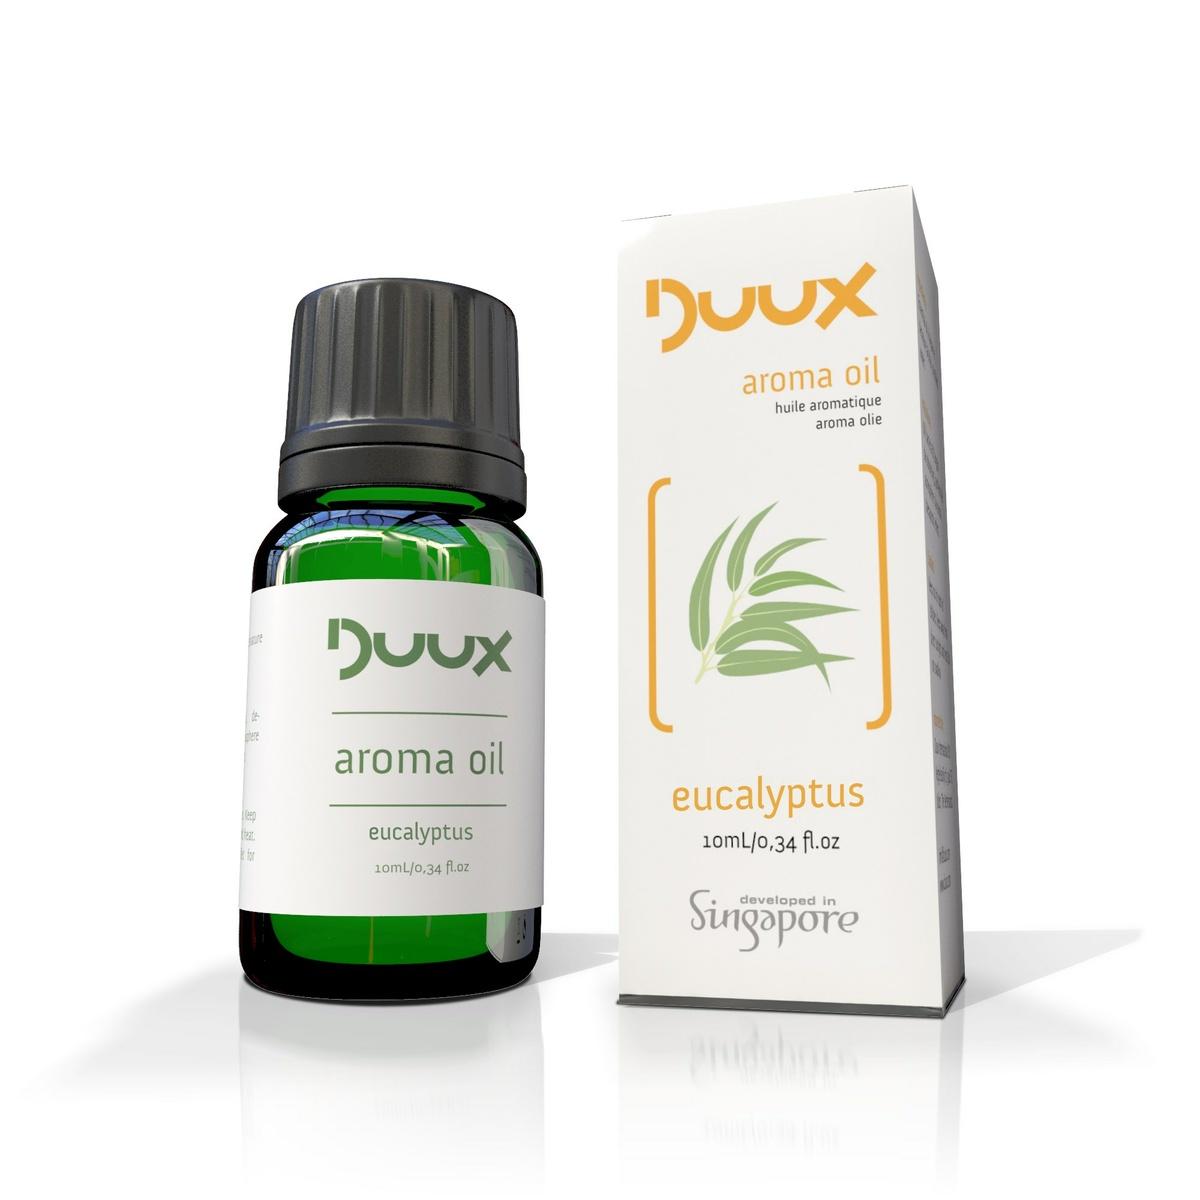 Maxxo Duux aróma olej Eucalyptus - pre zvlhčovače,